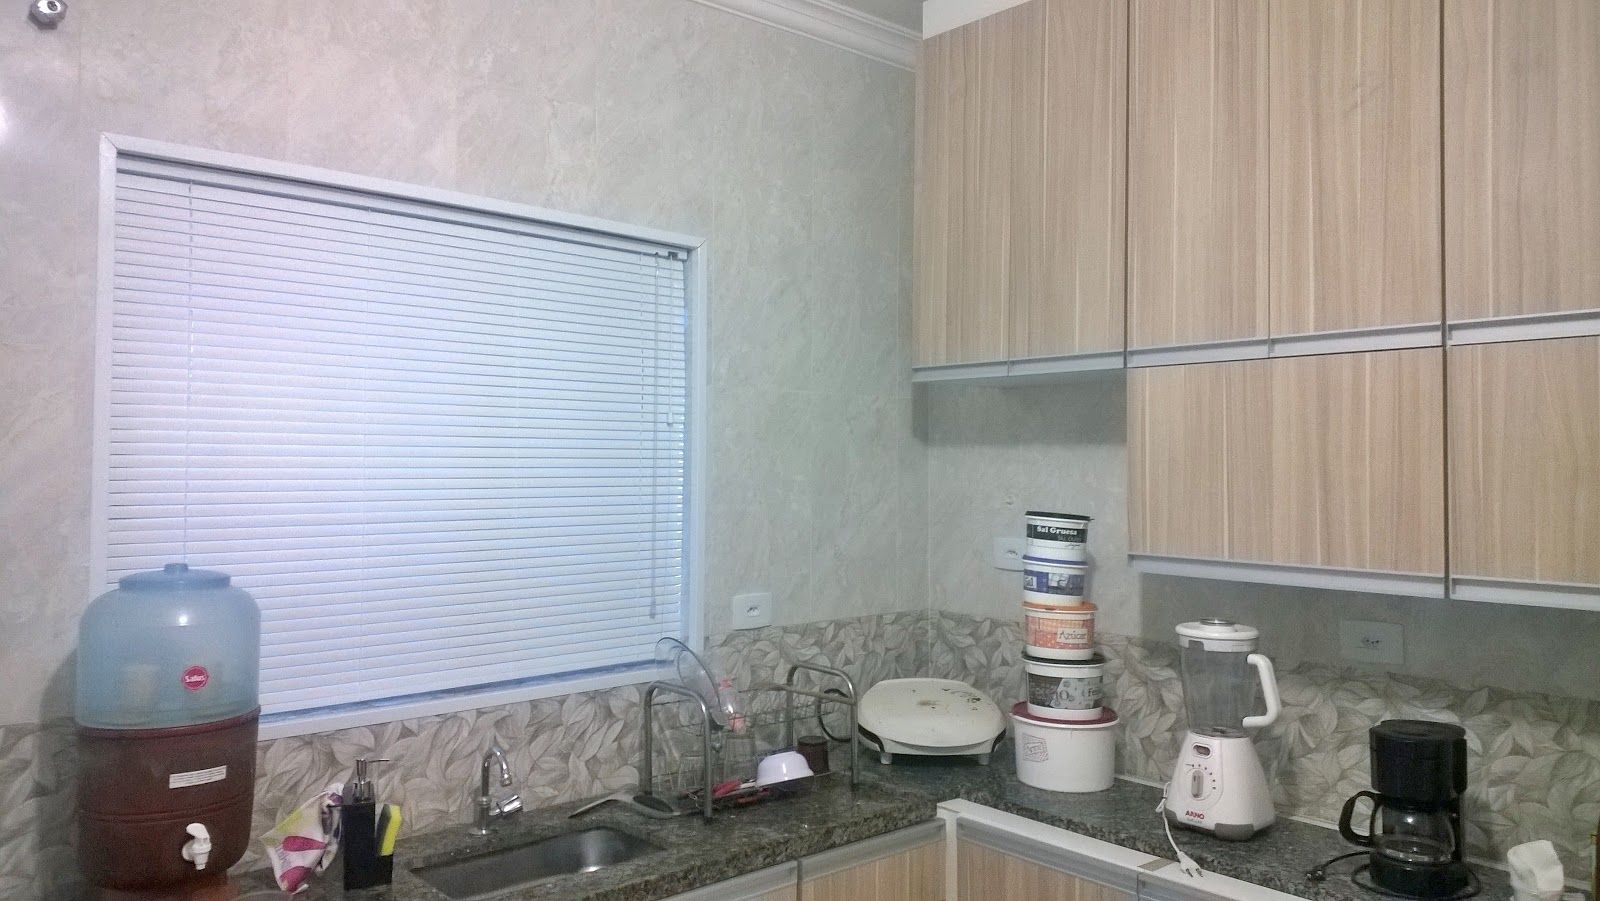 #536278 Persiana horizontal aluminio feito sob medida ideal pra cozinha  700 Janelas Venezianas De Aluminio Sob Medida